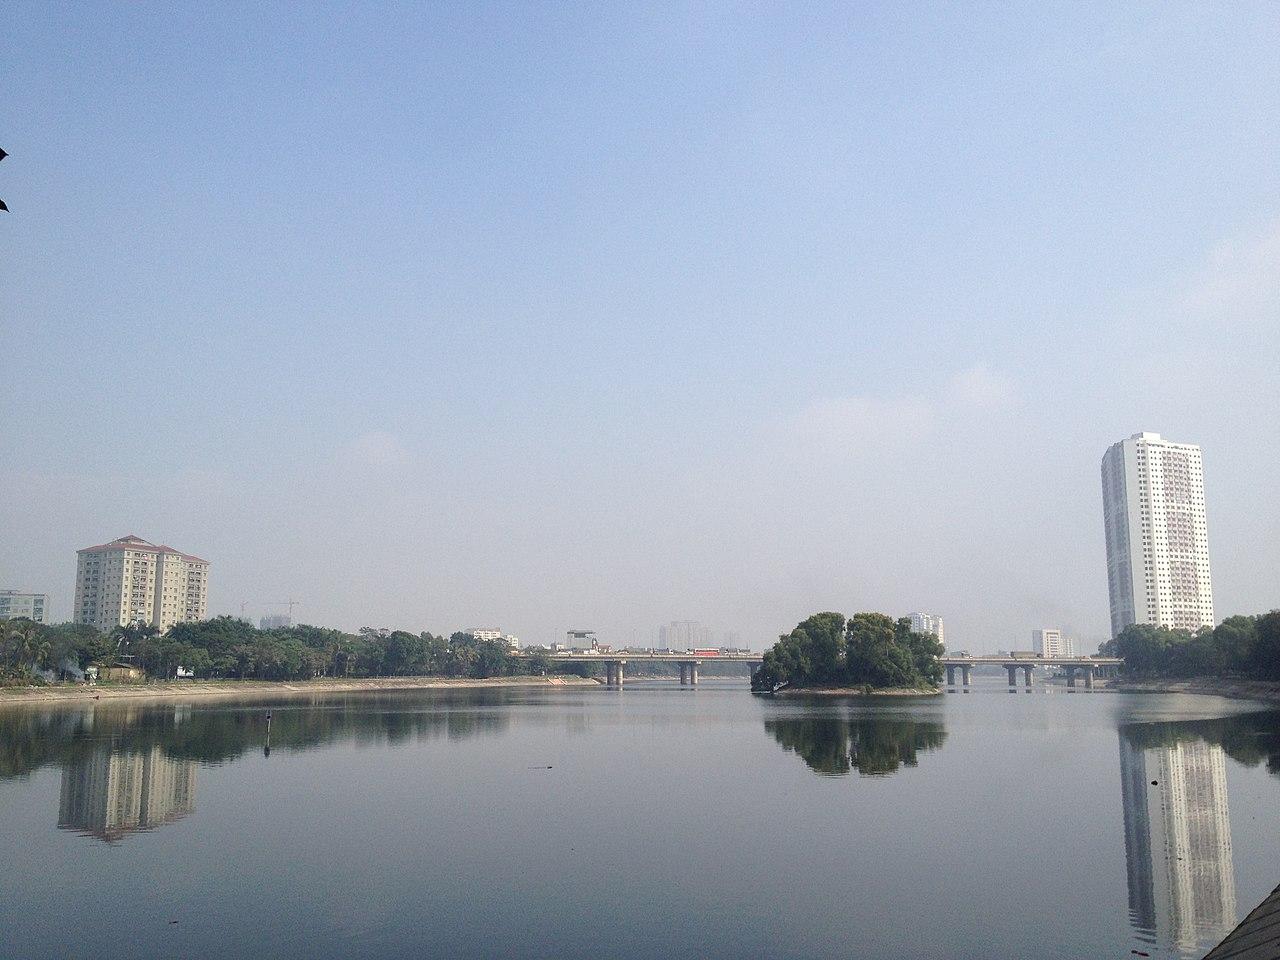 Hồ Linh Đàm, quận Hoàng Mai. Ảnh: Wikipedia Tiếng Việt